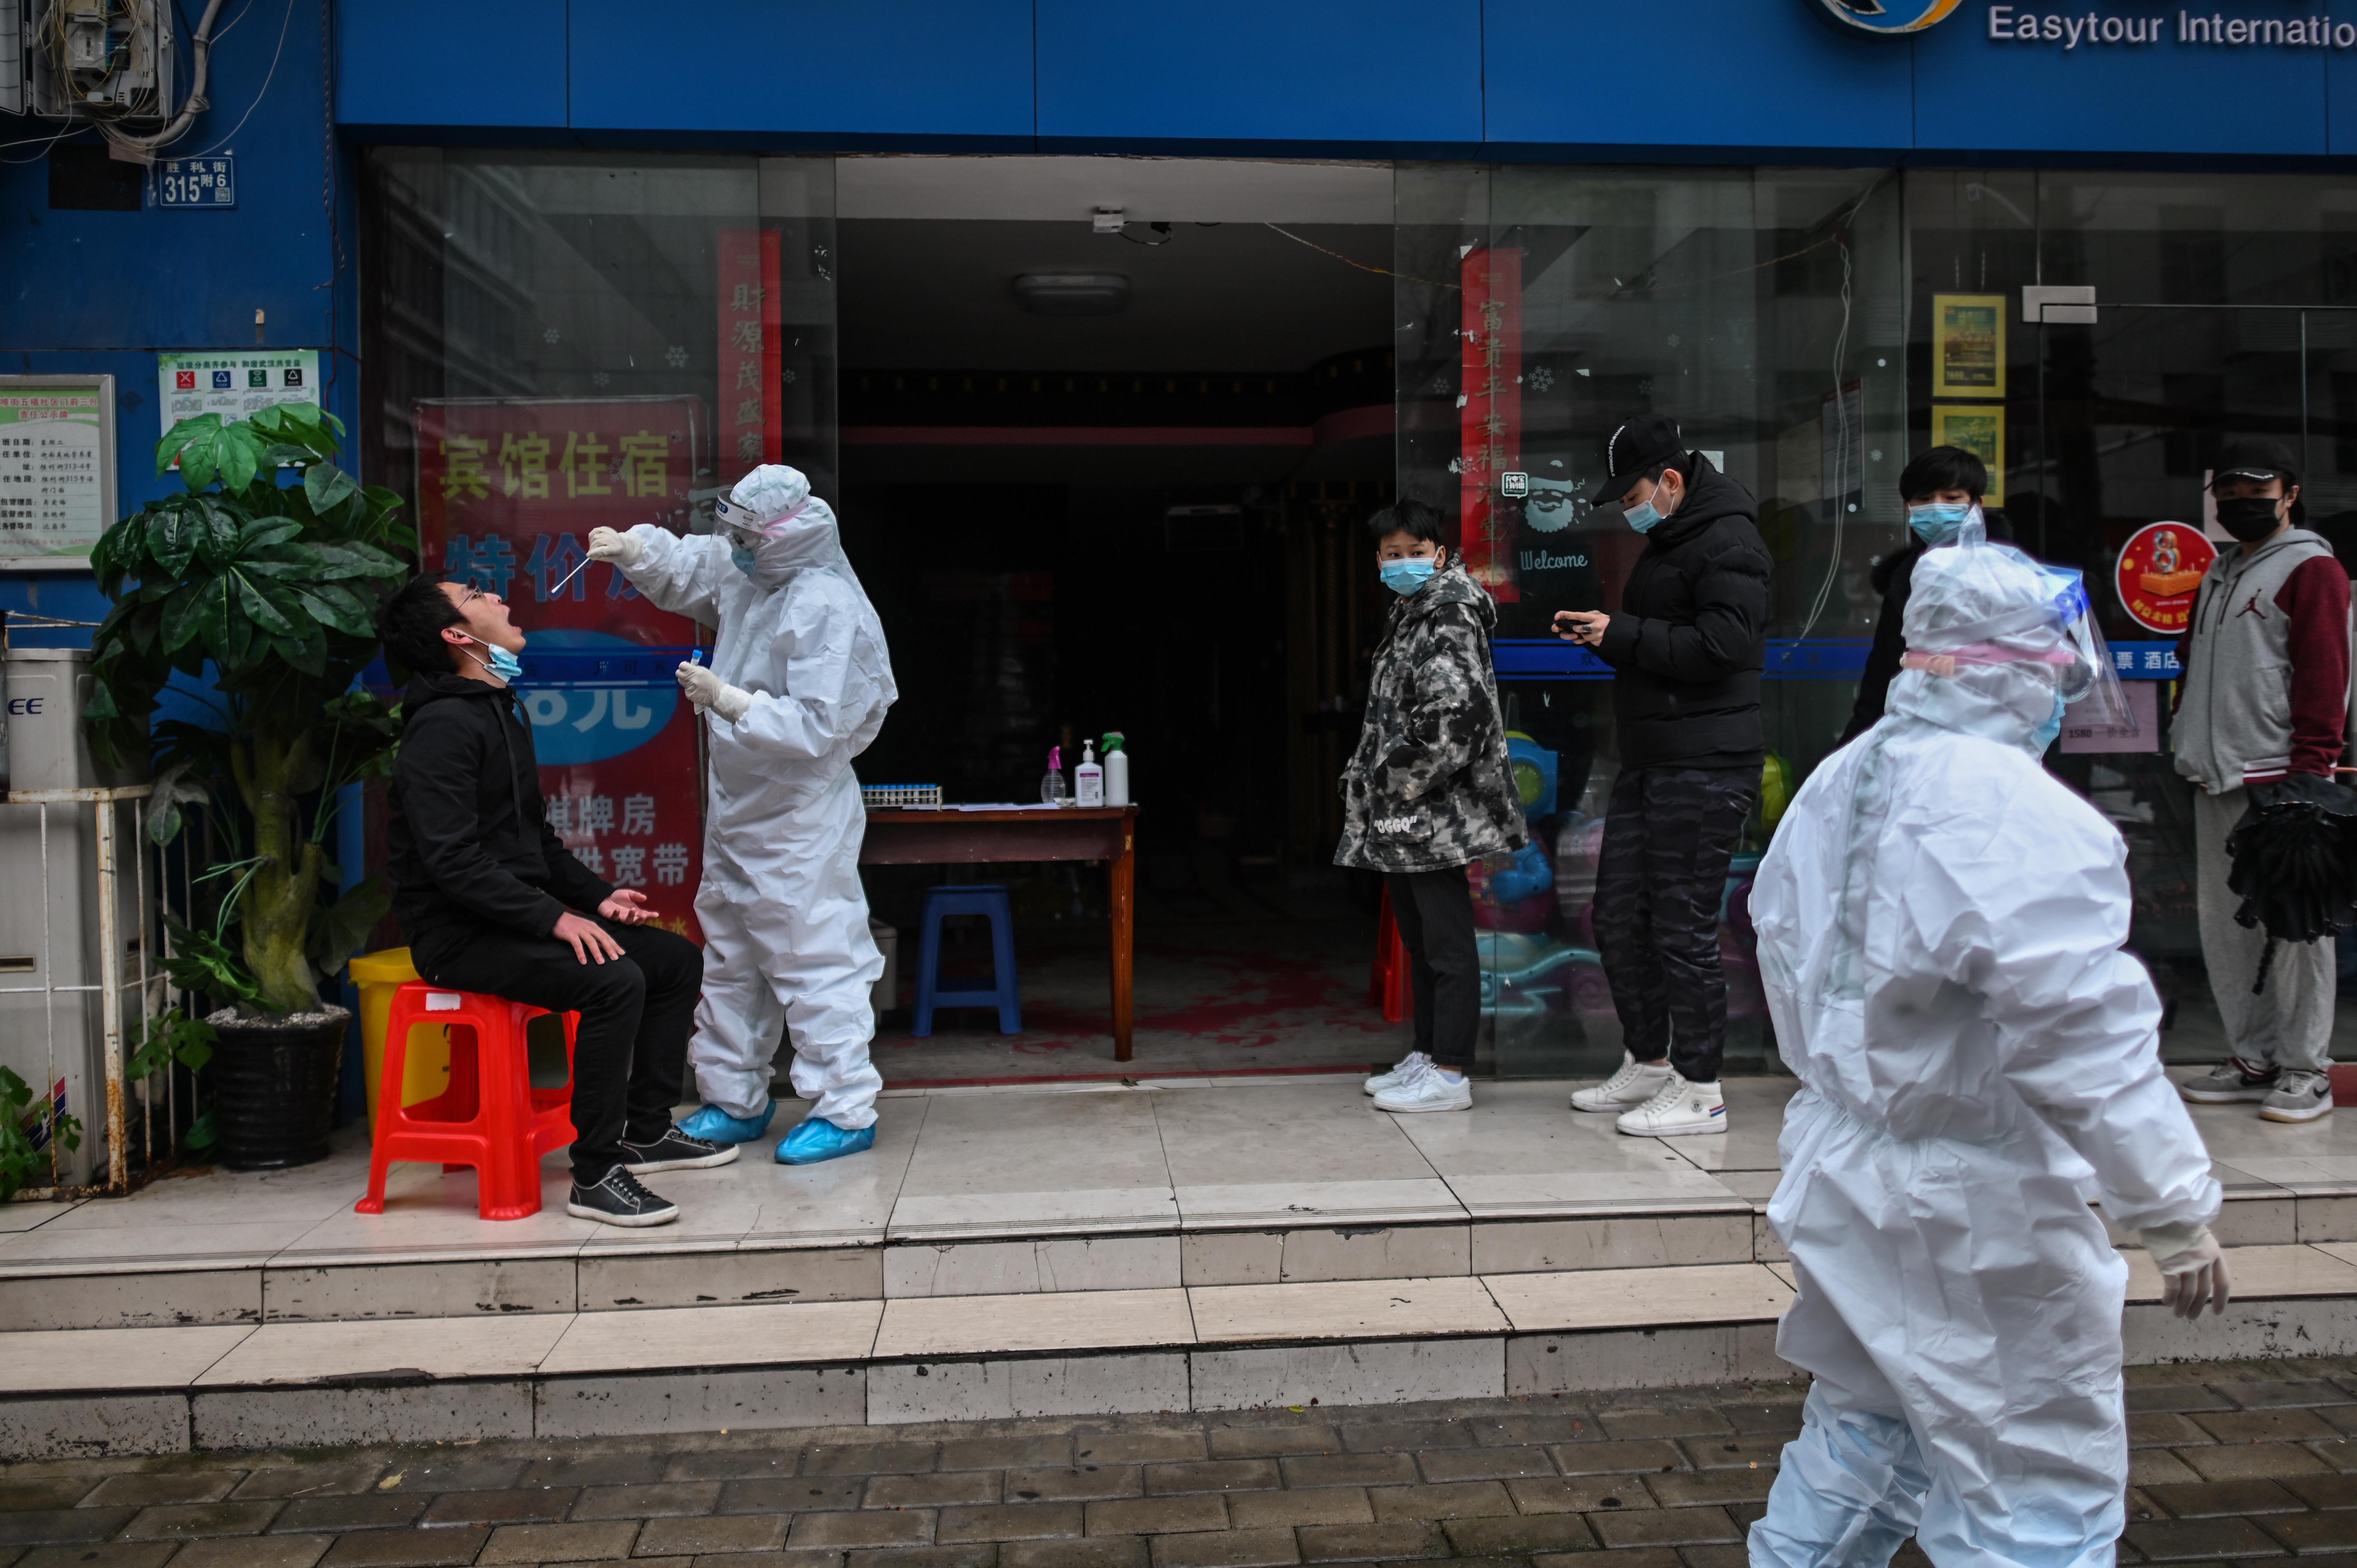 Kína leküzdötte a vírust, és már az utat mutatja a világnak? Vigyázzunk ezzel a sztorival